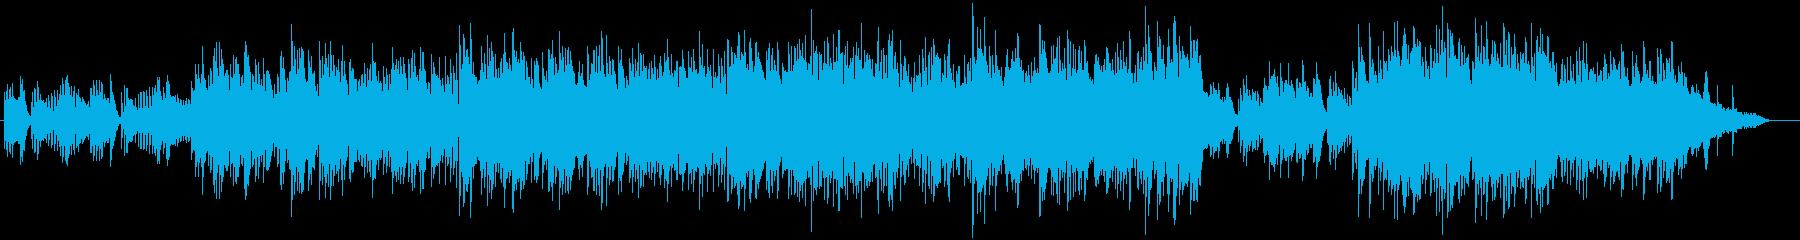 ピアノとストリングスによる切ないバラードの再生済みの波形